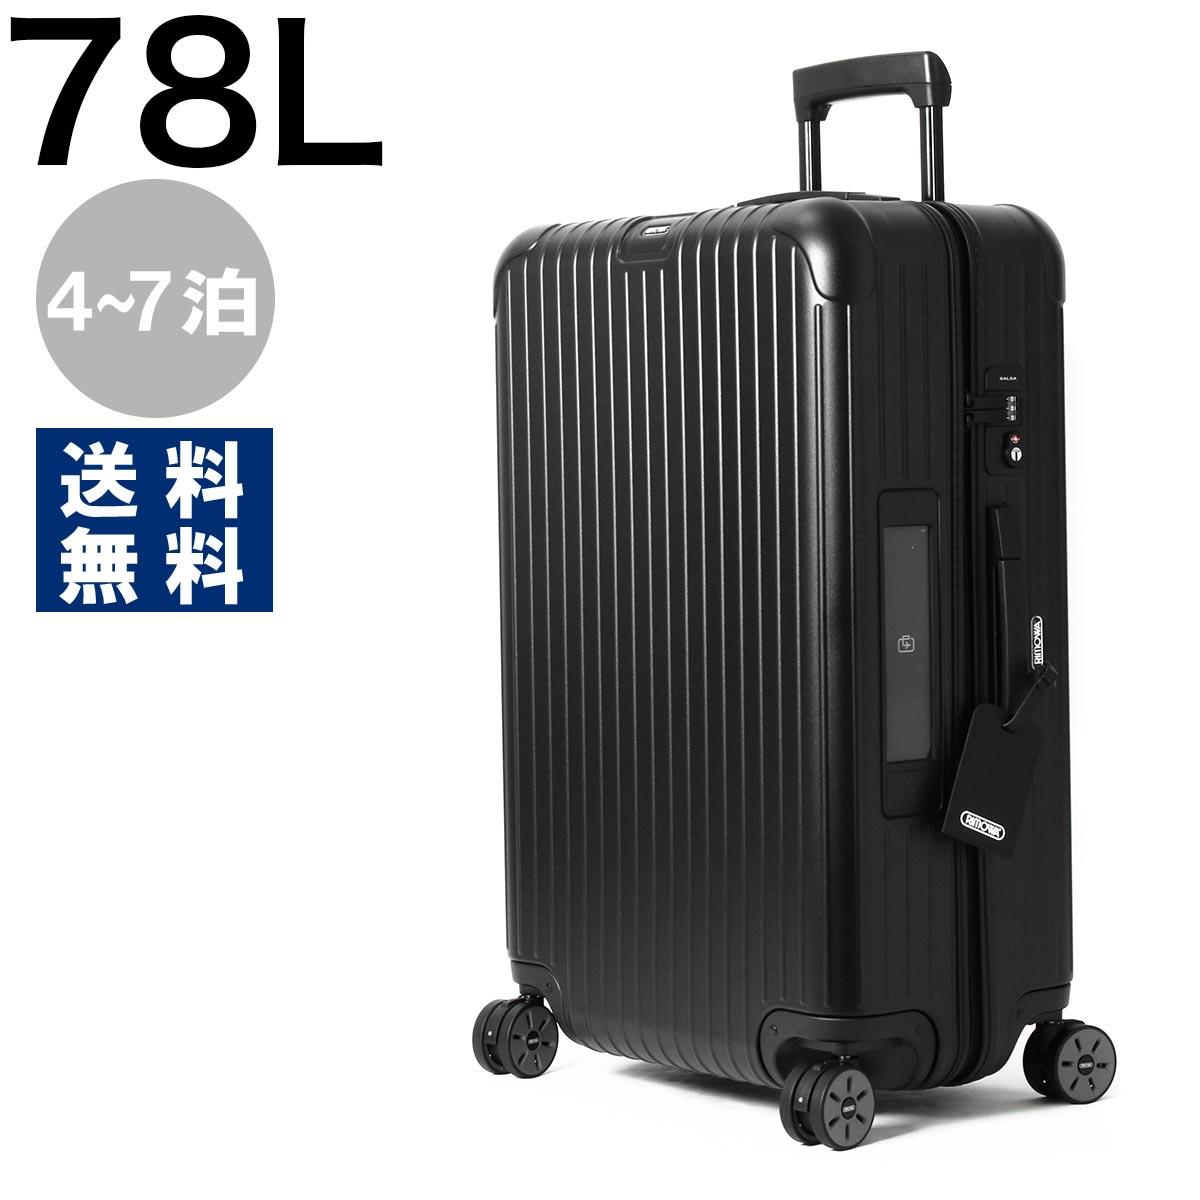 リモワ スーツケース/旅行用バッグ バッグ メンズ レディース サルサ ELECTRONIC TAG 78L 4~7泊 ブラックマット 811.70.32.5 RIMOWA